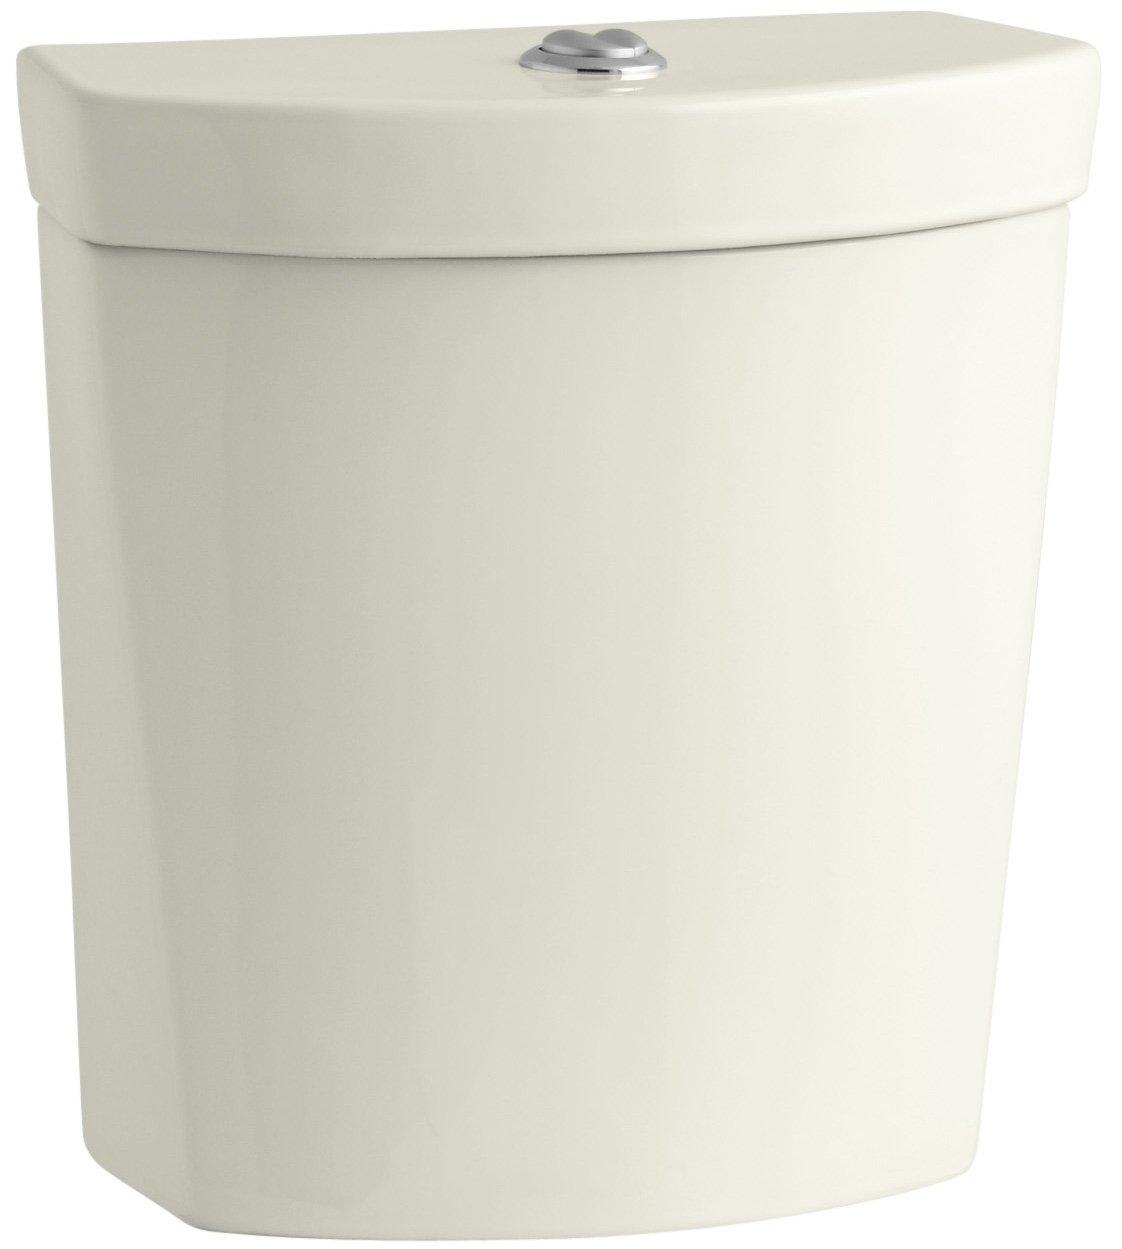 Biscuit Kohler K-4419-96 Persuade Toilet Tank